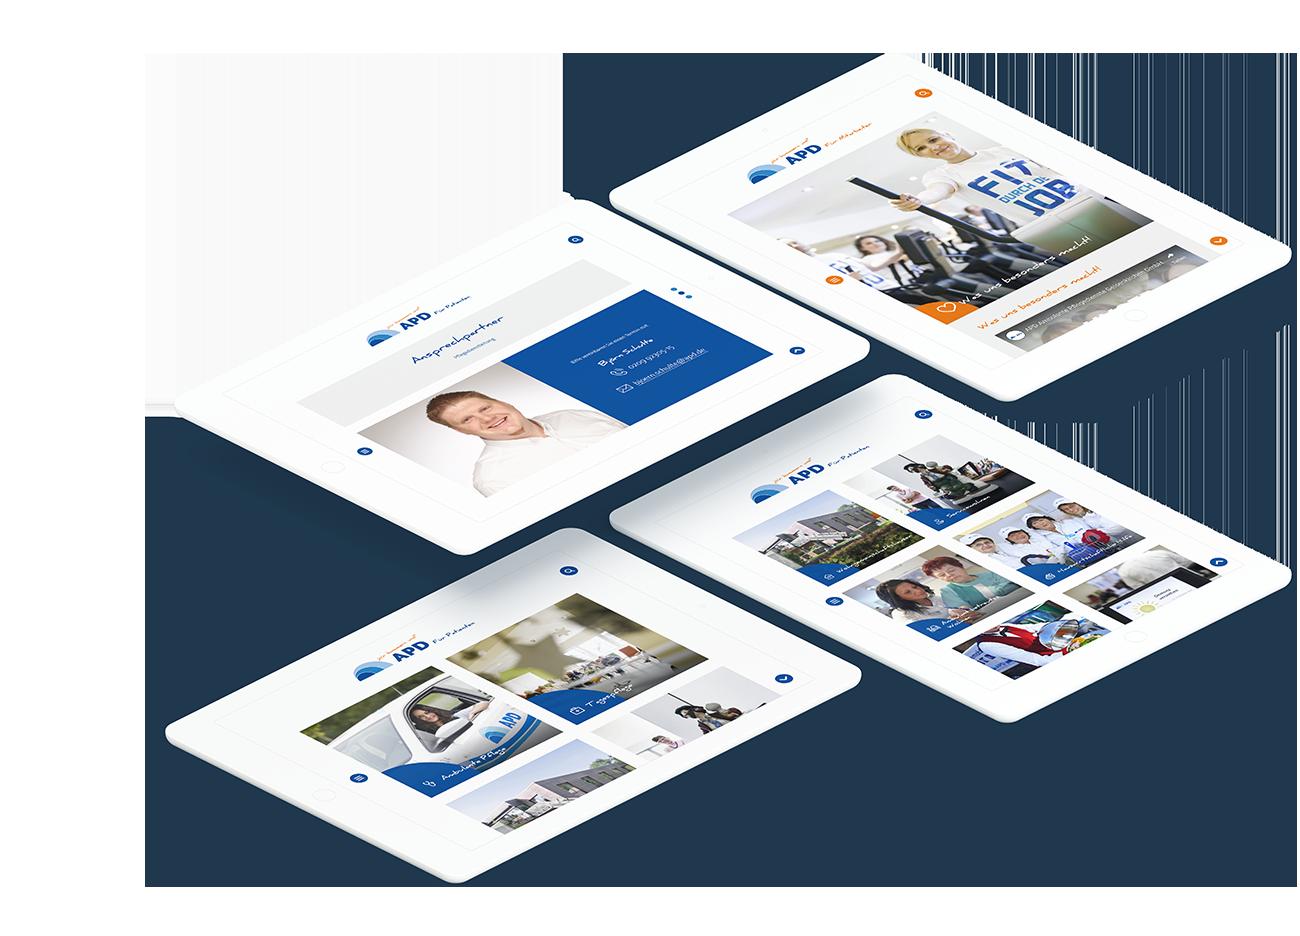 Mehrere weiße Tablets zeigen unterschiedliche Seiten der APD Website um die modulare Gestaltung hervorzuheben